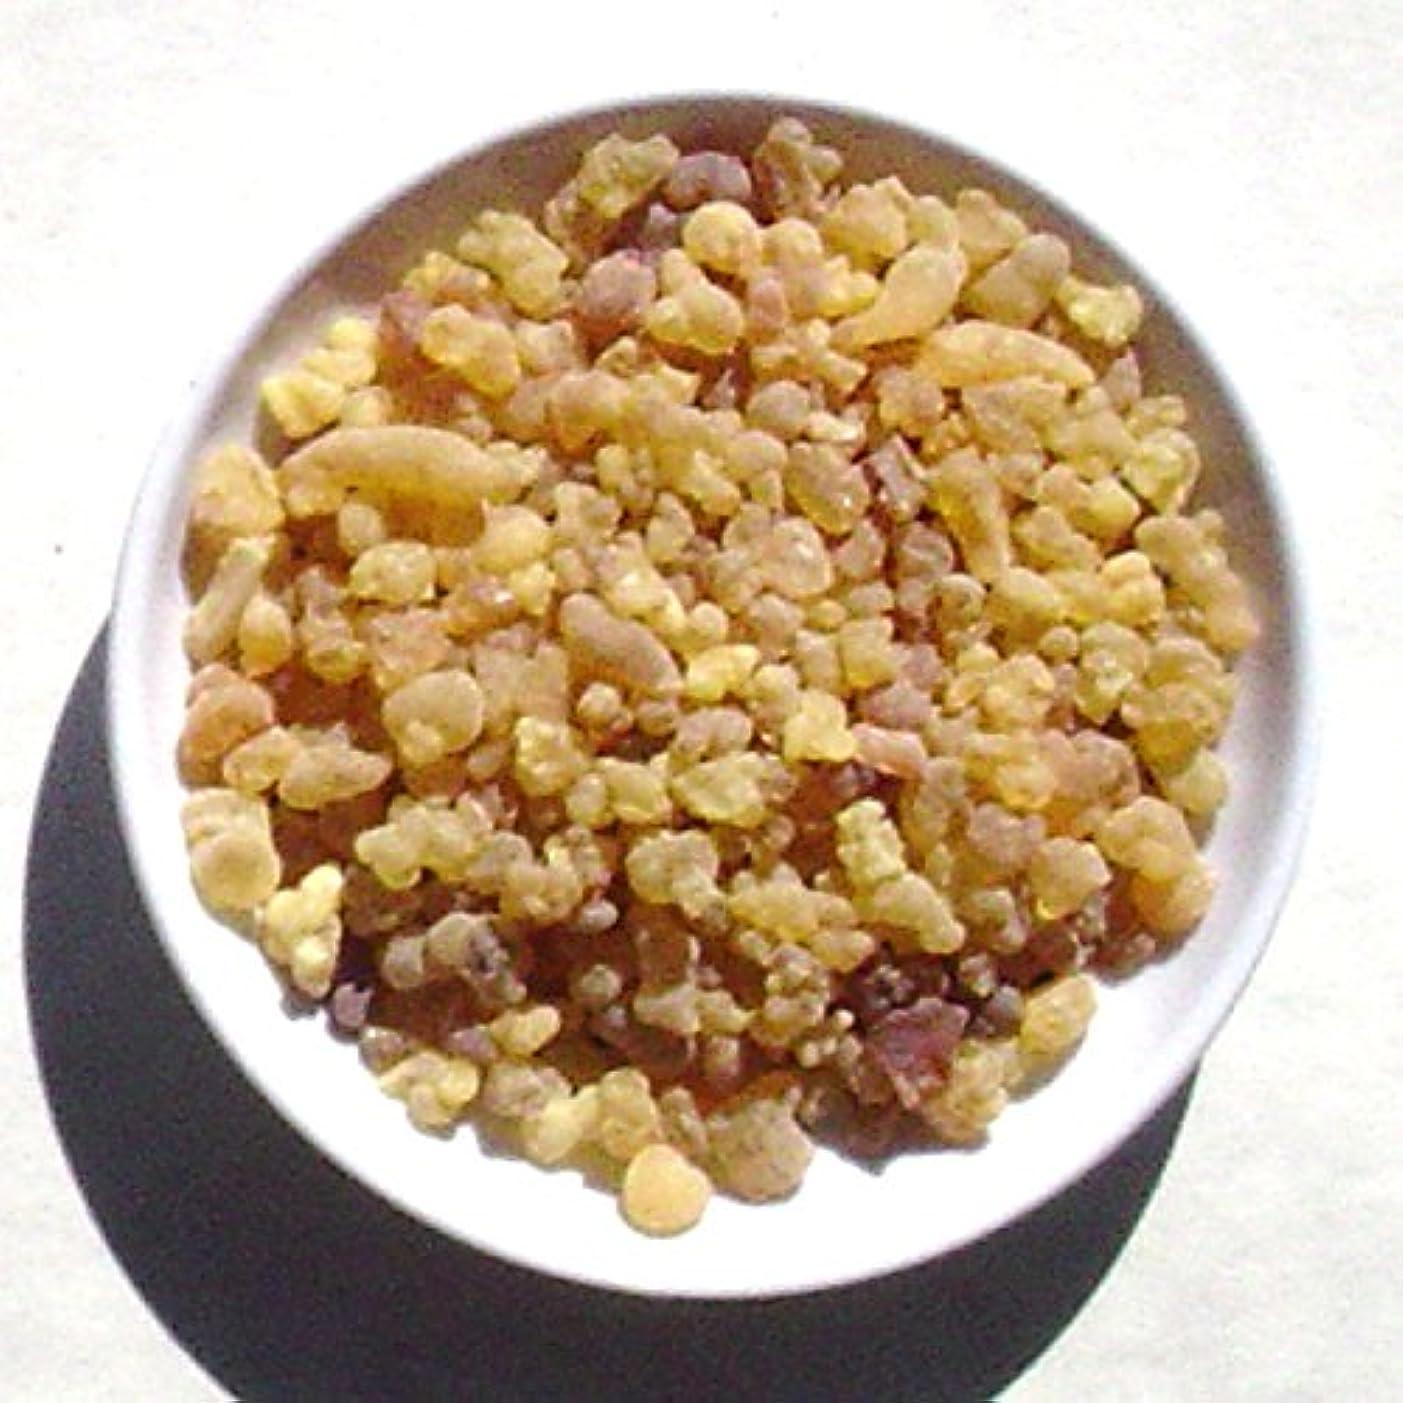 抹消大破信頼Arabian Frankincense – 1ポンド – Traditional Incense (樹脂)バルク